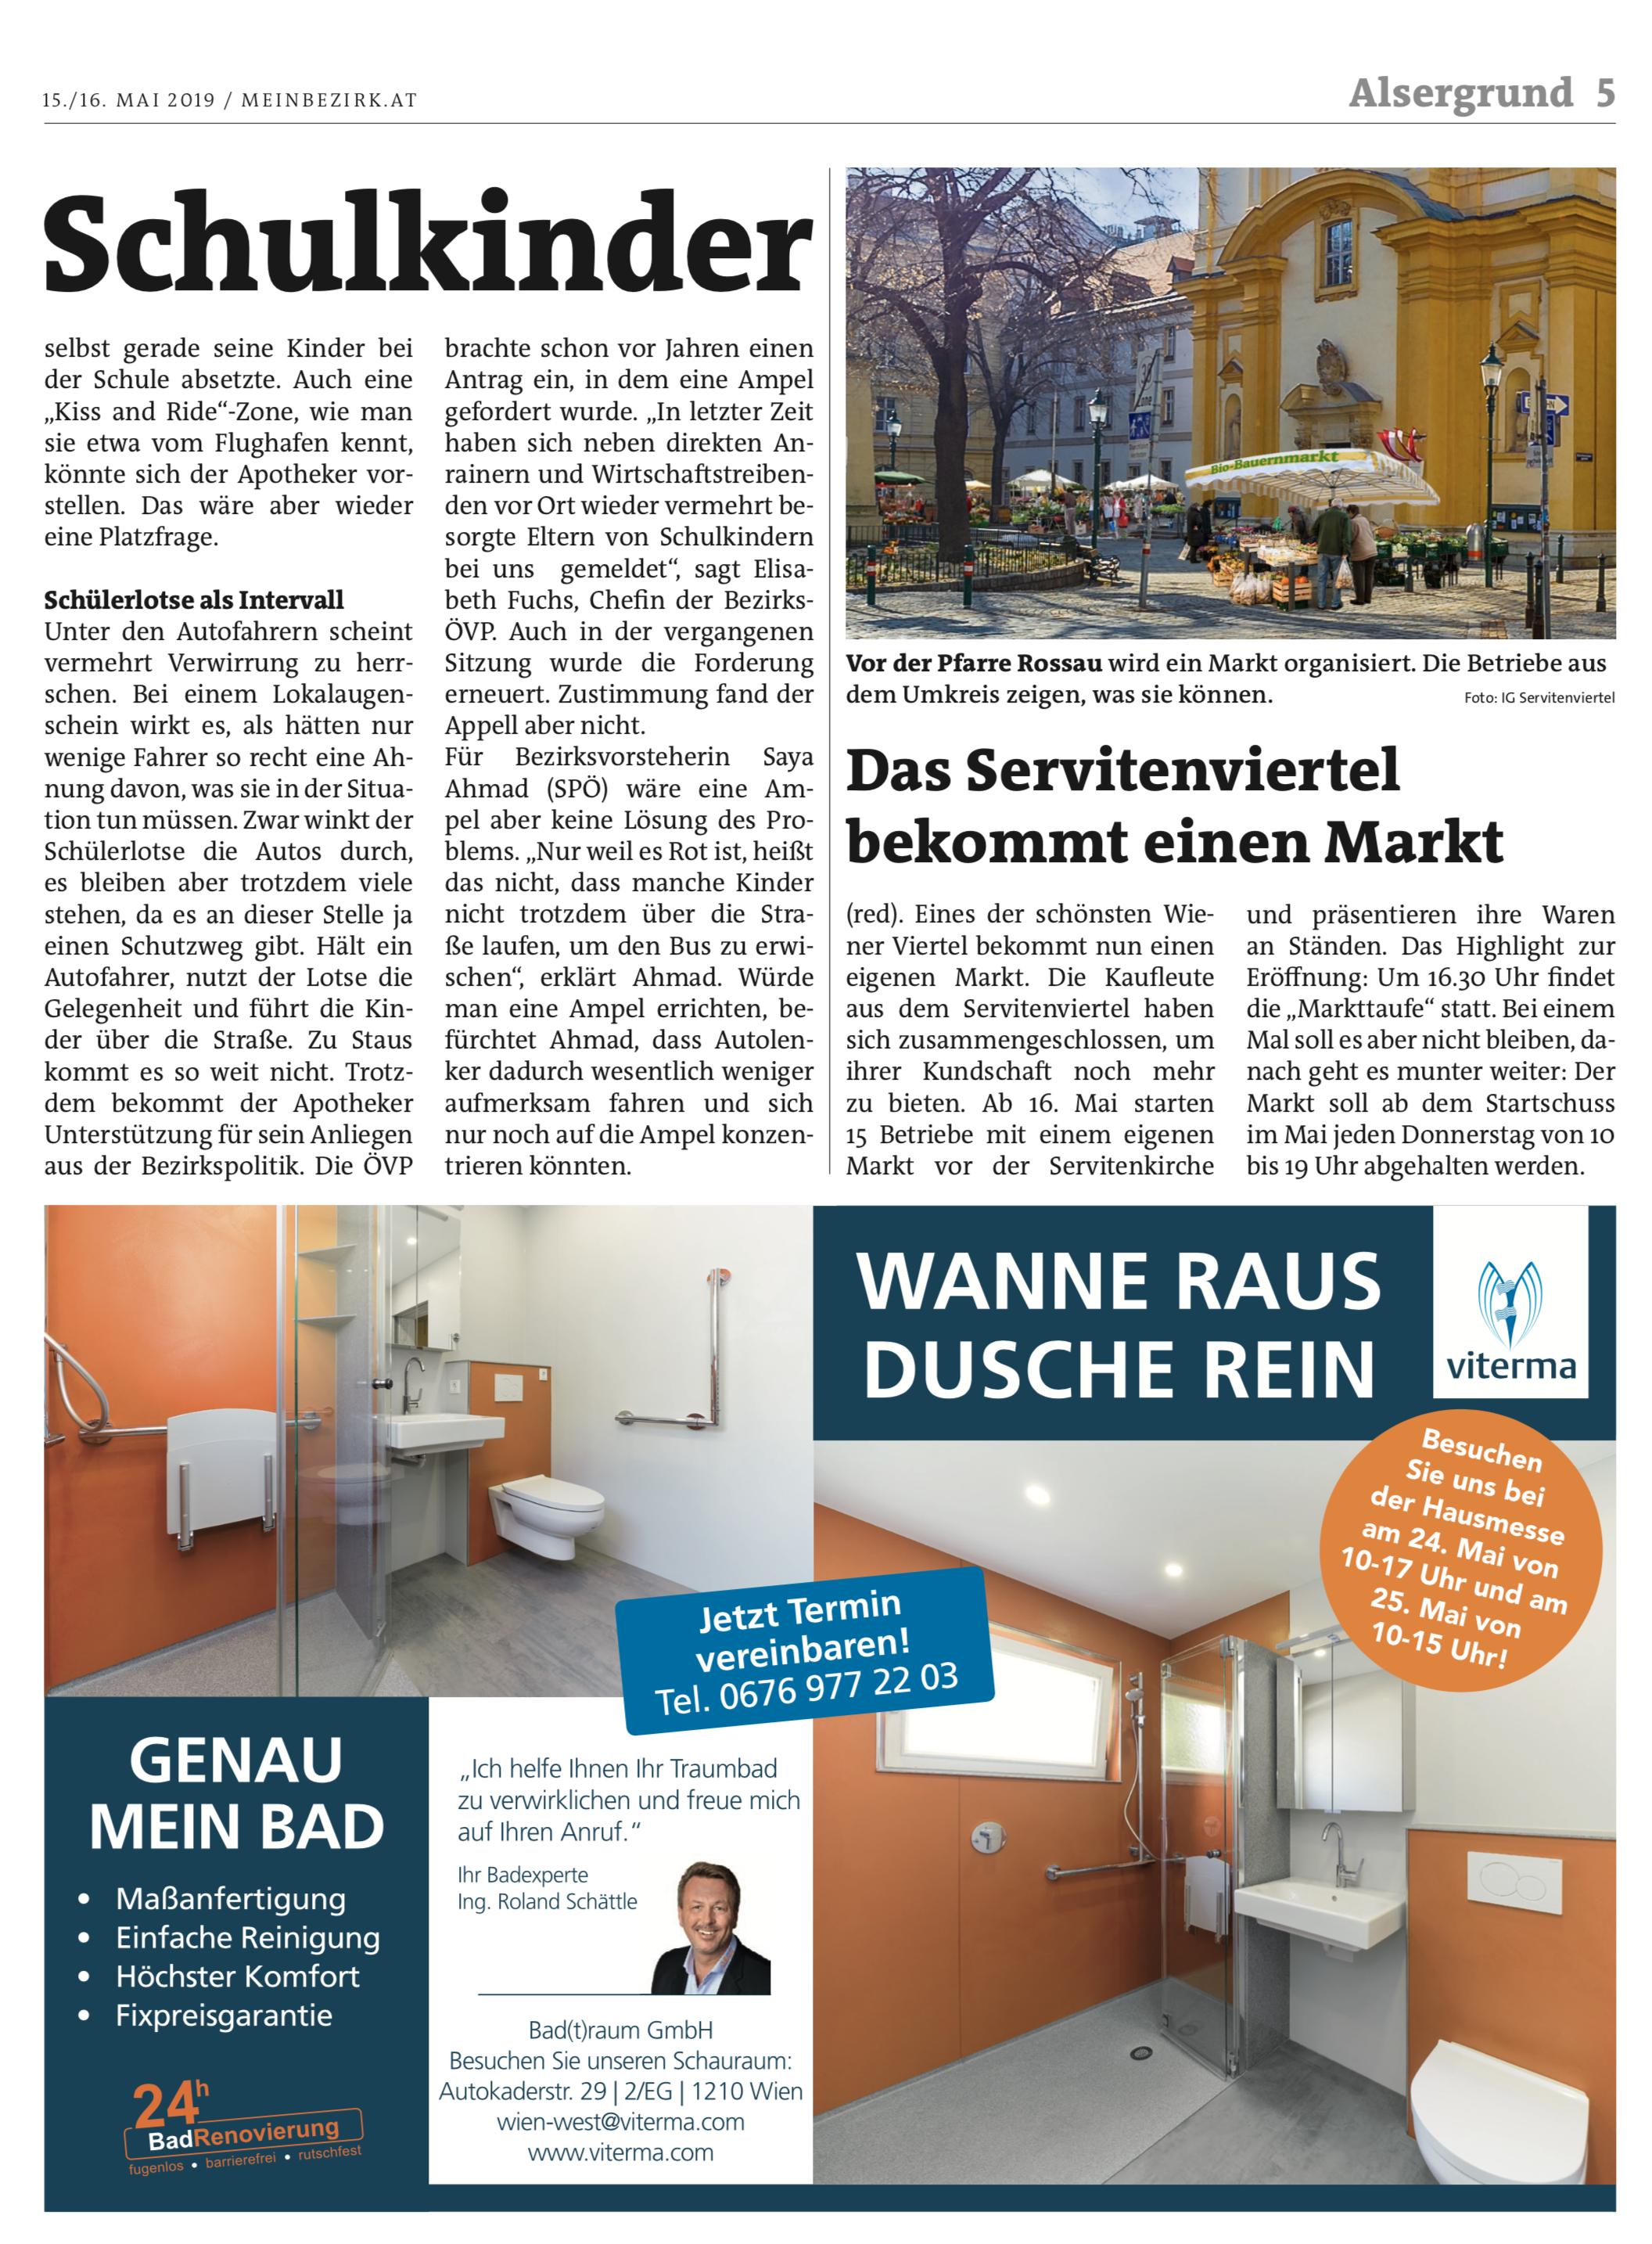 Meinbezirk.at Artikel